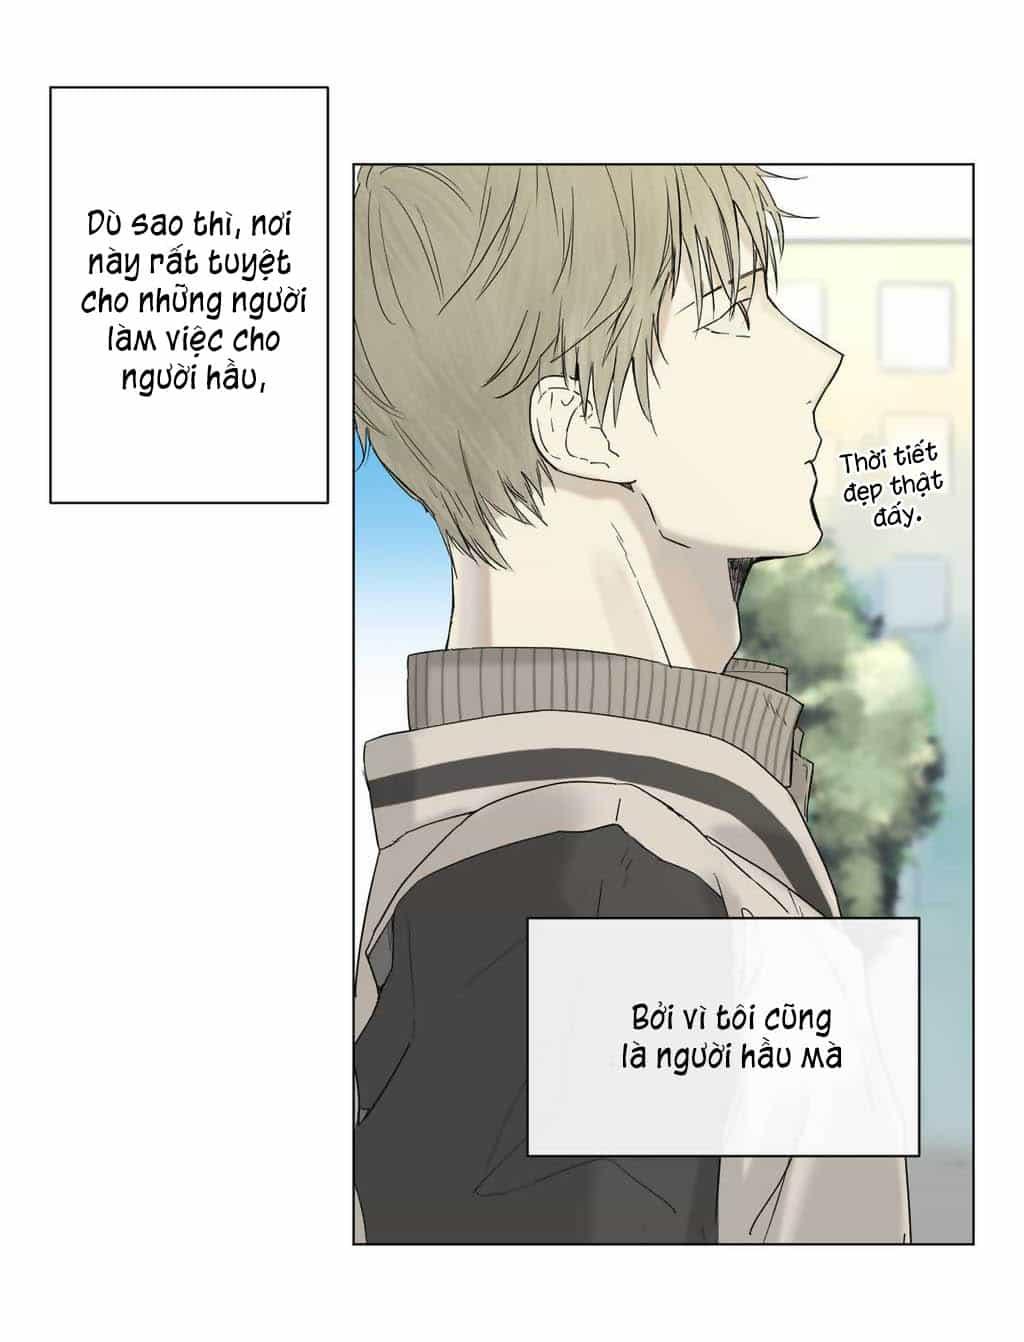 Trang 49 - Người hầu hoàng gia - Royal Servant - Chương 007 () - Truyện tranh Gay - Server HostedOnGoogleServerStaging